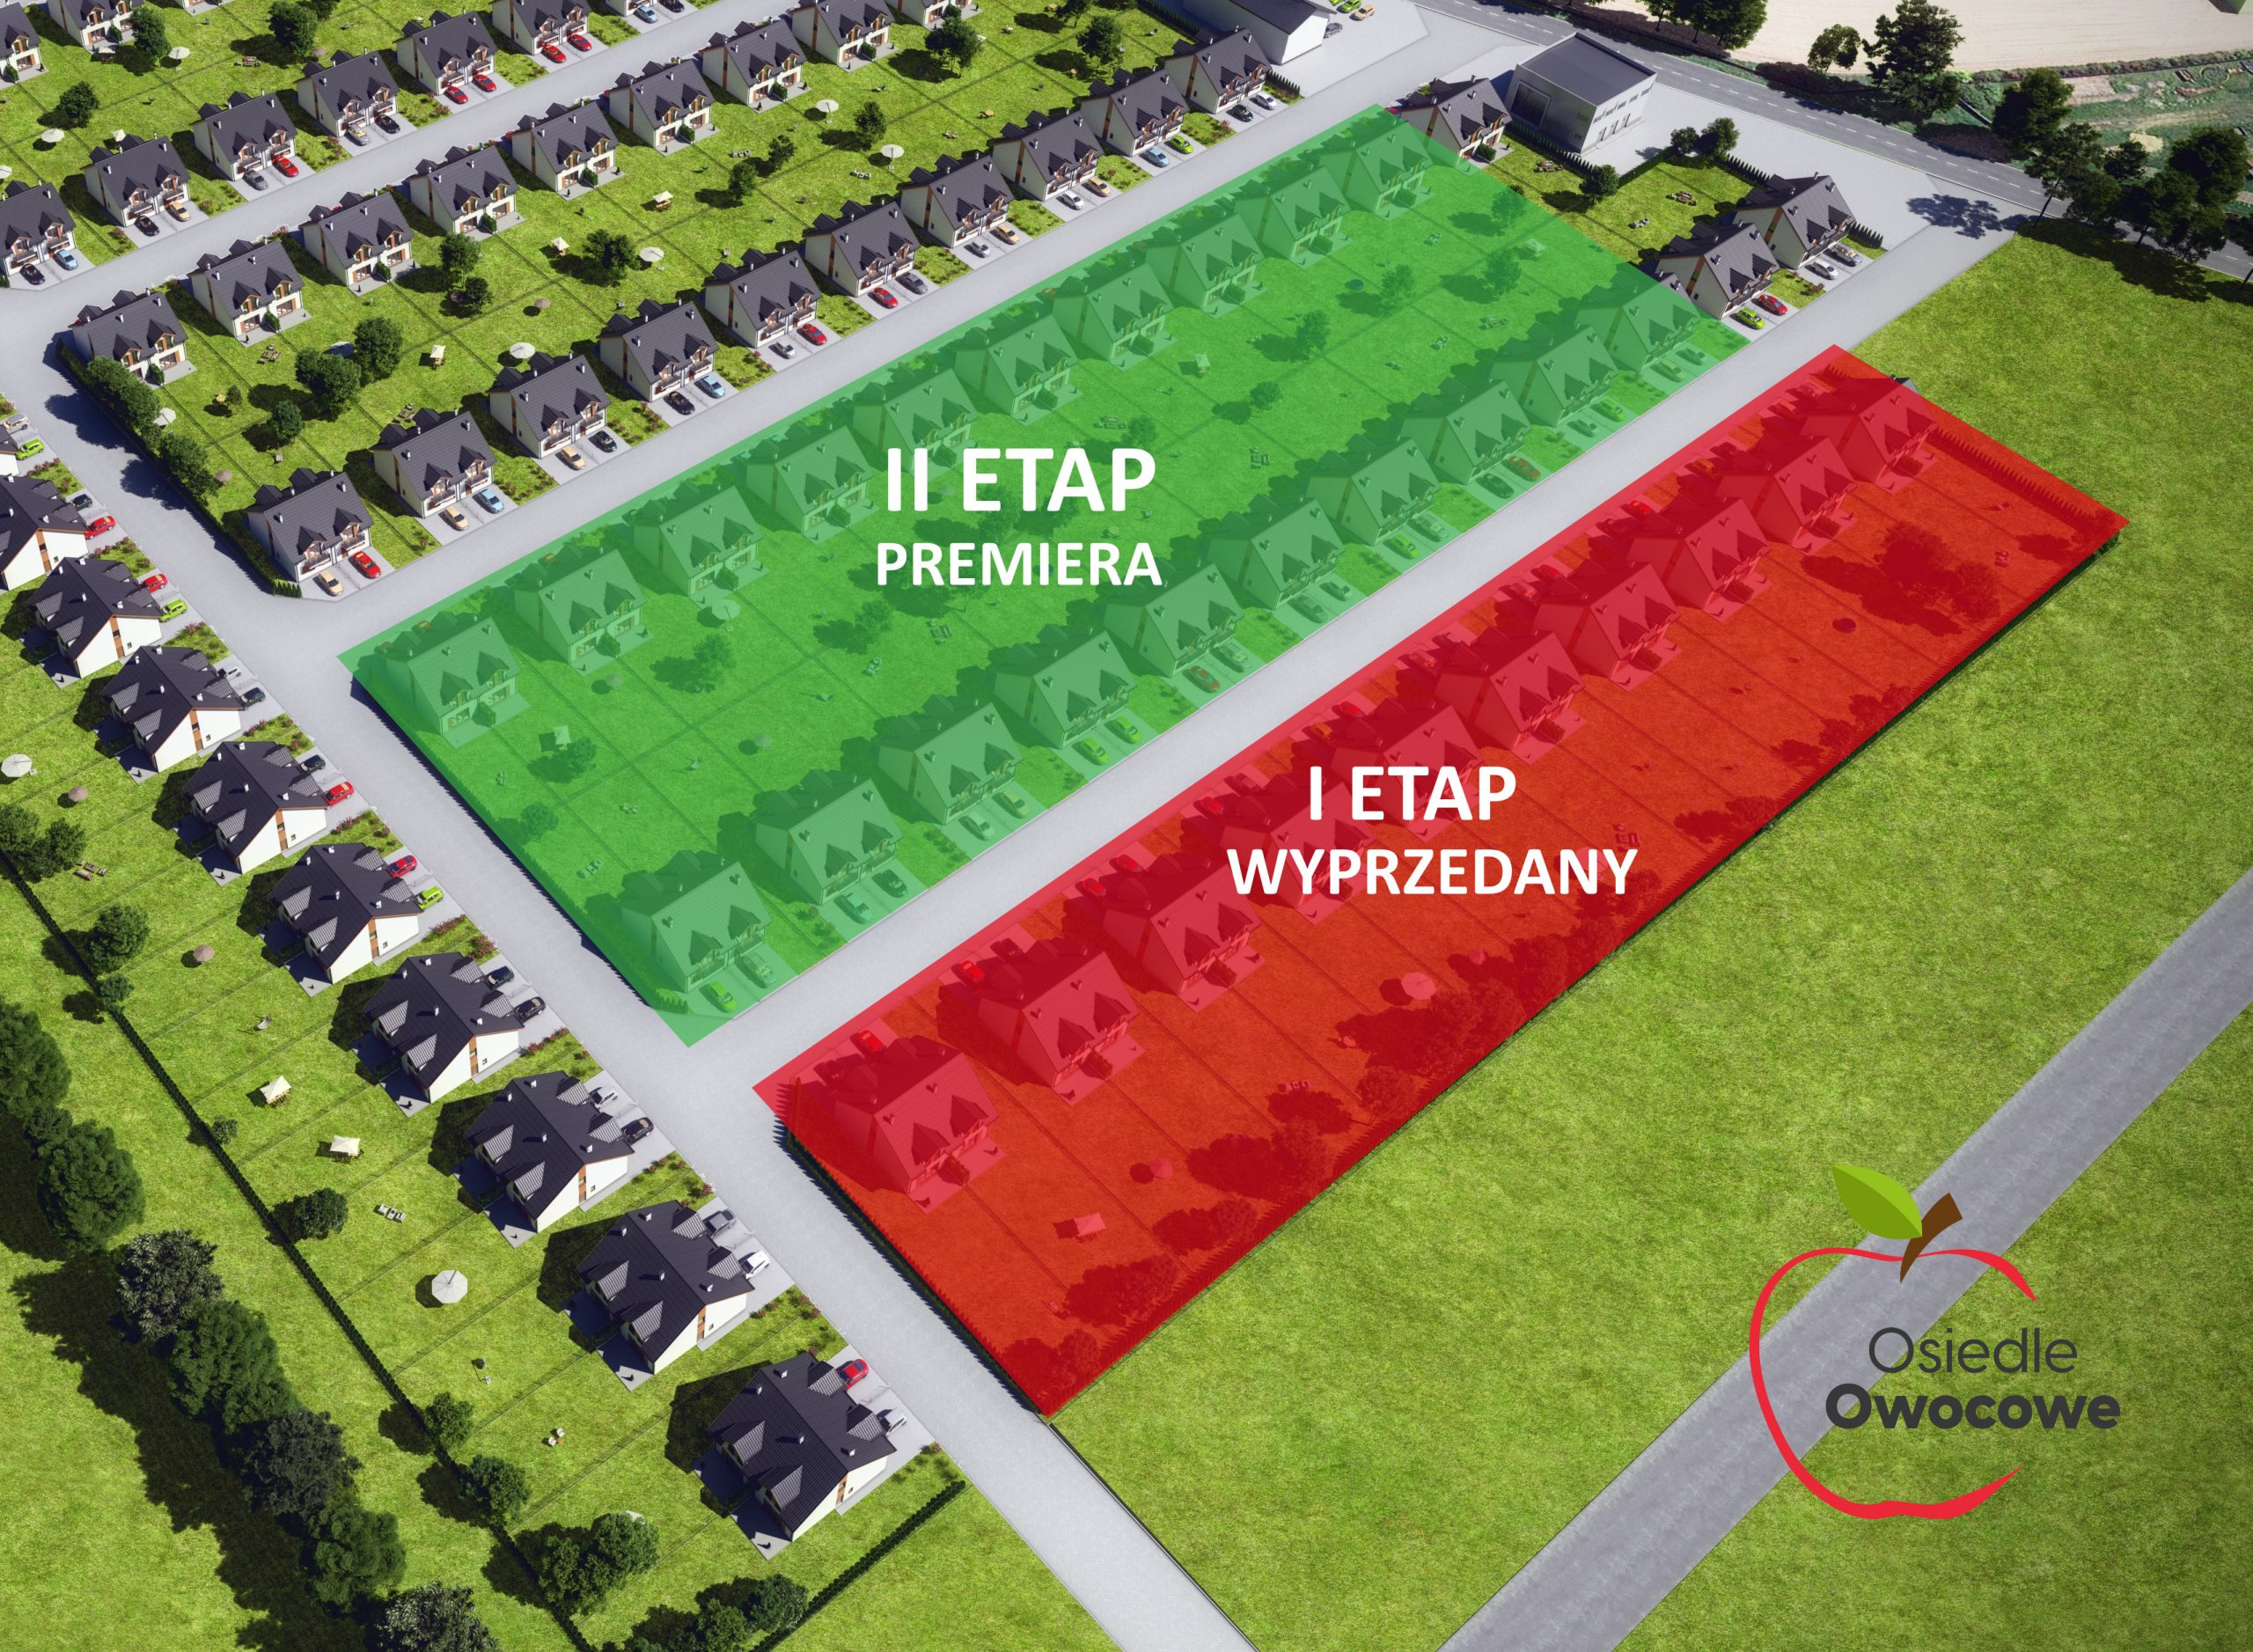 II Etap sprzedaży domów na Osiedlu Owocowym